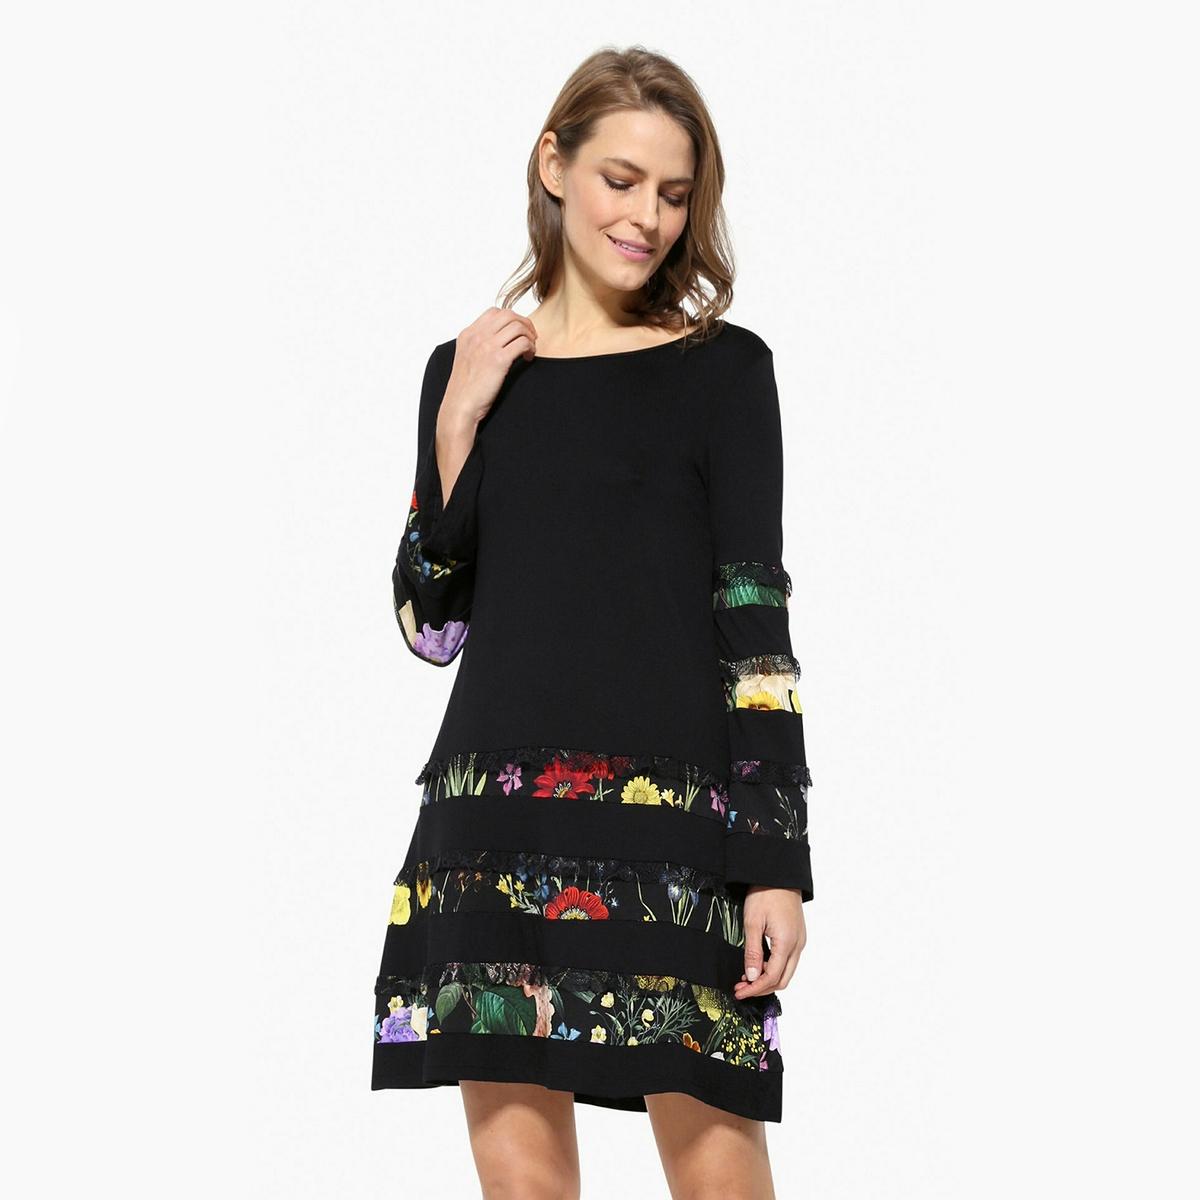 Платье короткое с длинными рукавамиДетали •  Форма : МИНИ •  короткое  •  Длинные рукава     •  Круглый вырез •  Графический рисунокСостав и уход •  96% вискозы, 4% эластана •  Следуйте советам по уходу, указанным на этикетке<br><br>Цвет: черный<br>Размер: XL.L